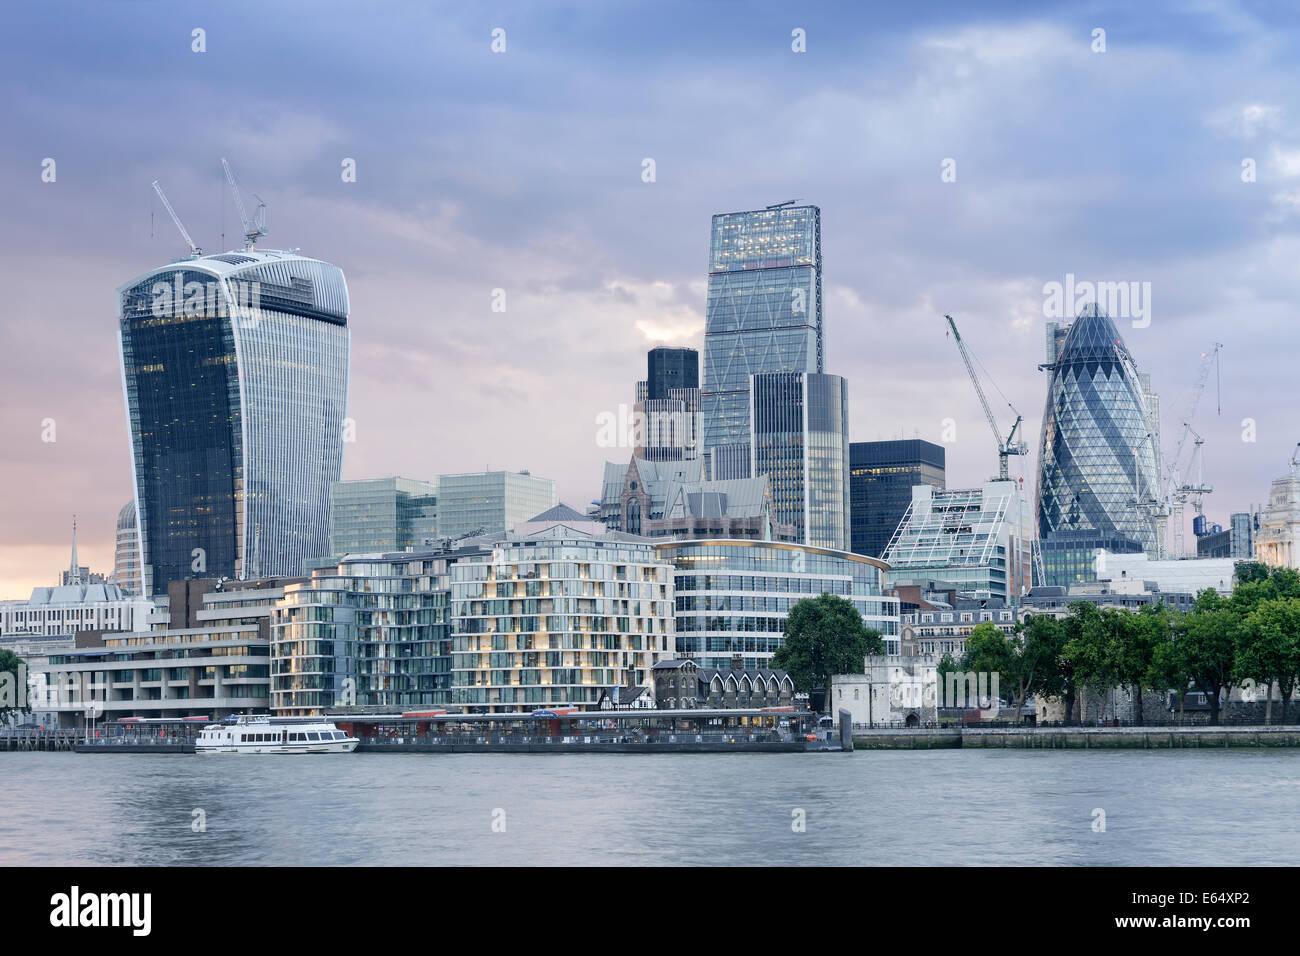 Città di Londra, Regno Unito. Immagini Stock